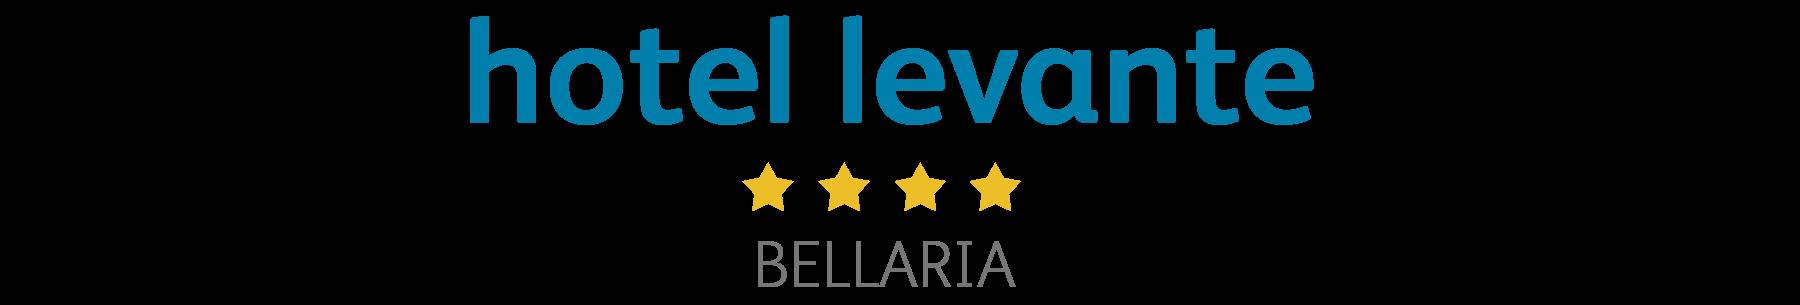 Hotel Levante Bellaria